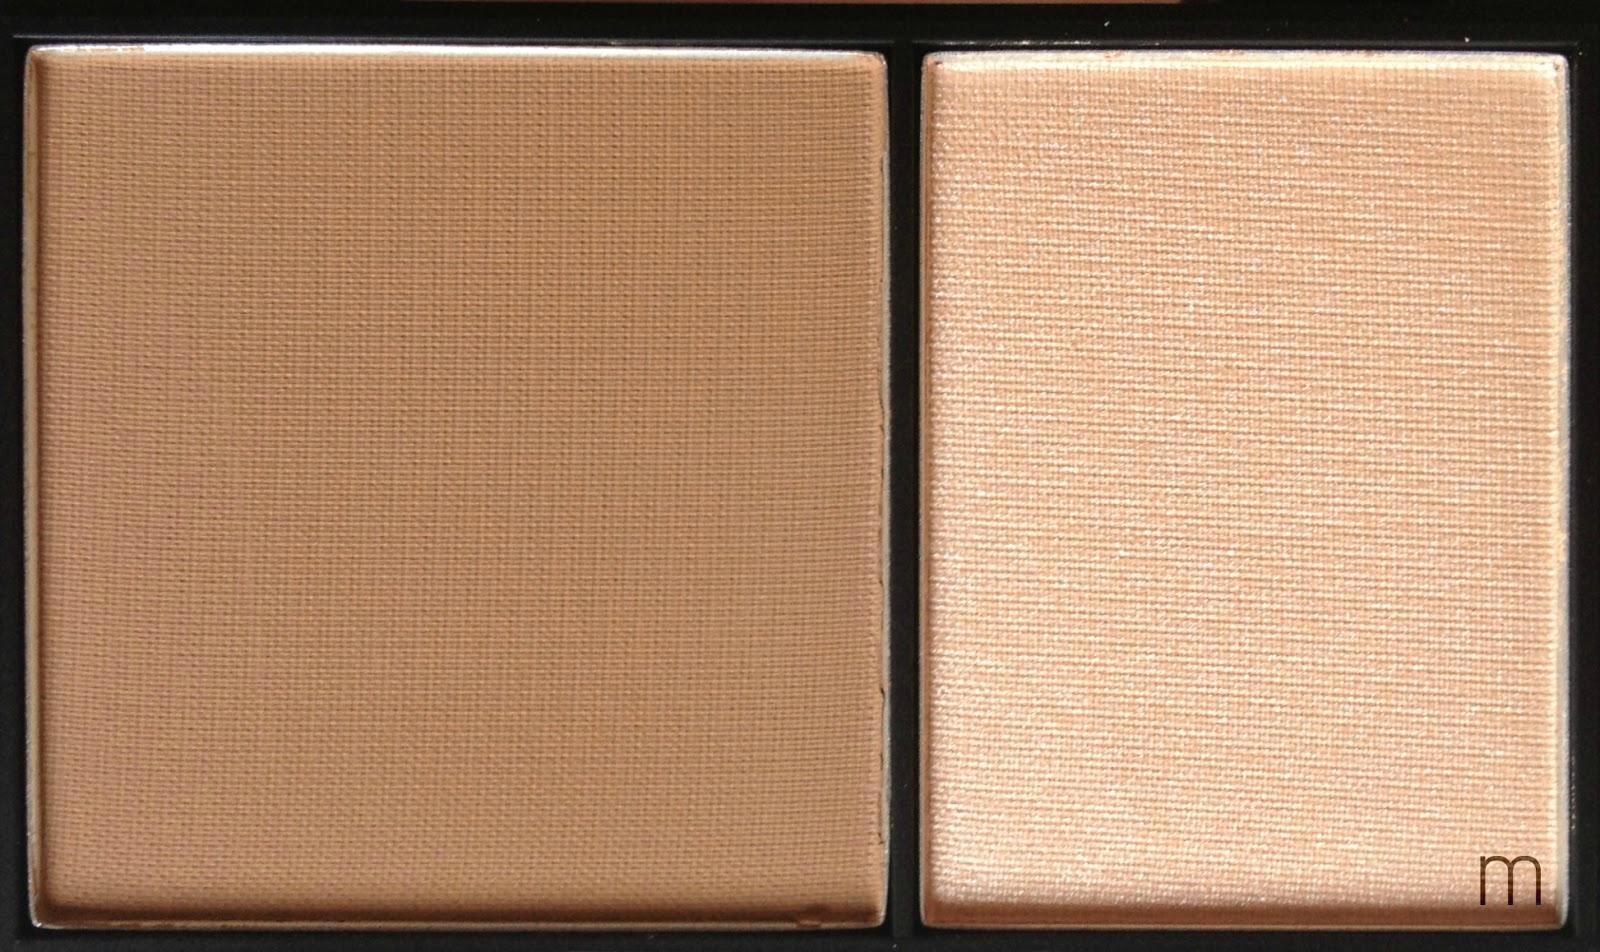 how to use sleek contour kit dark